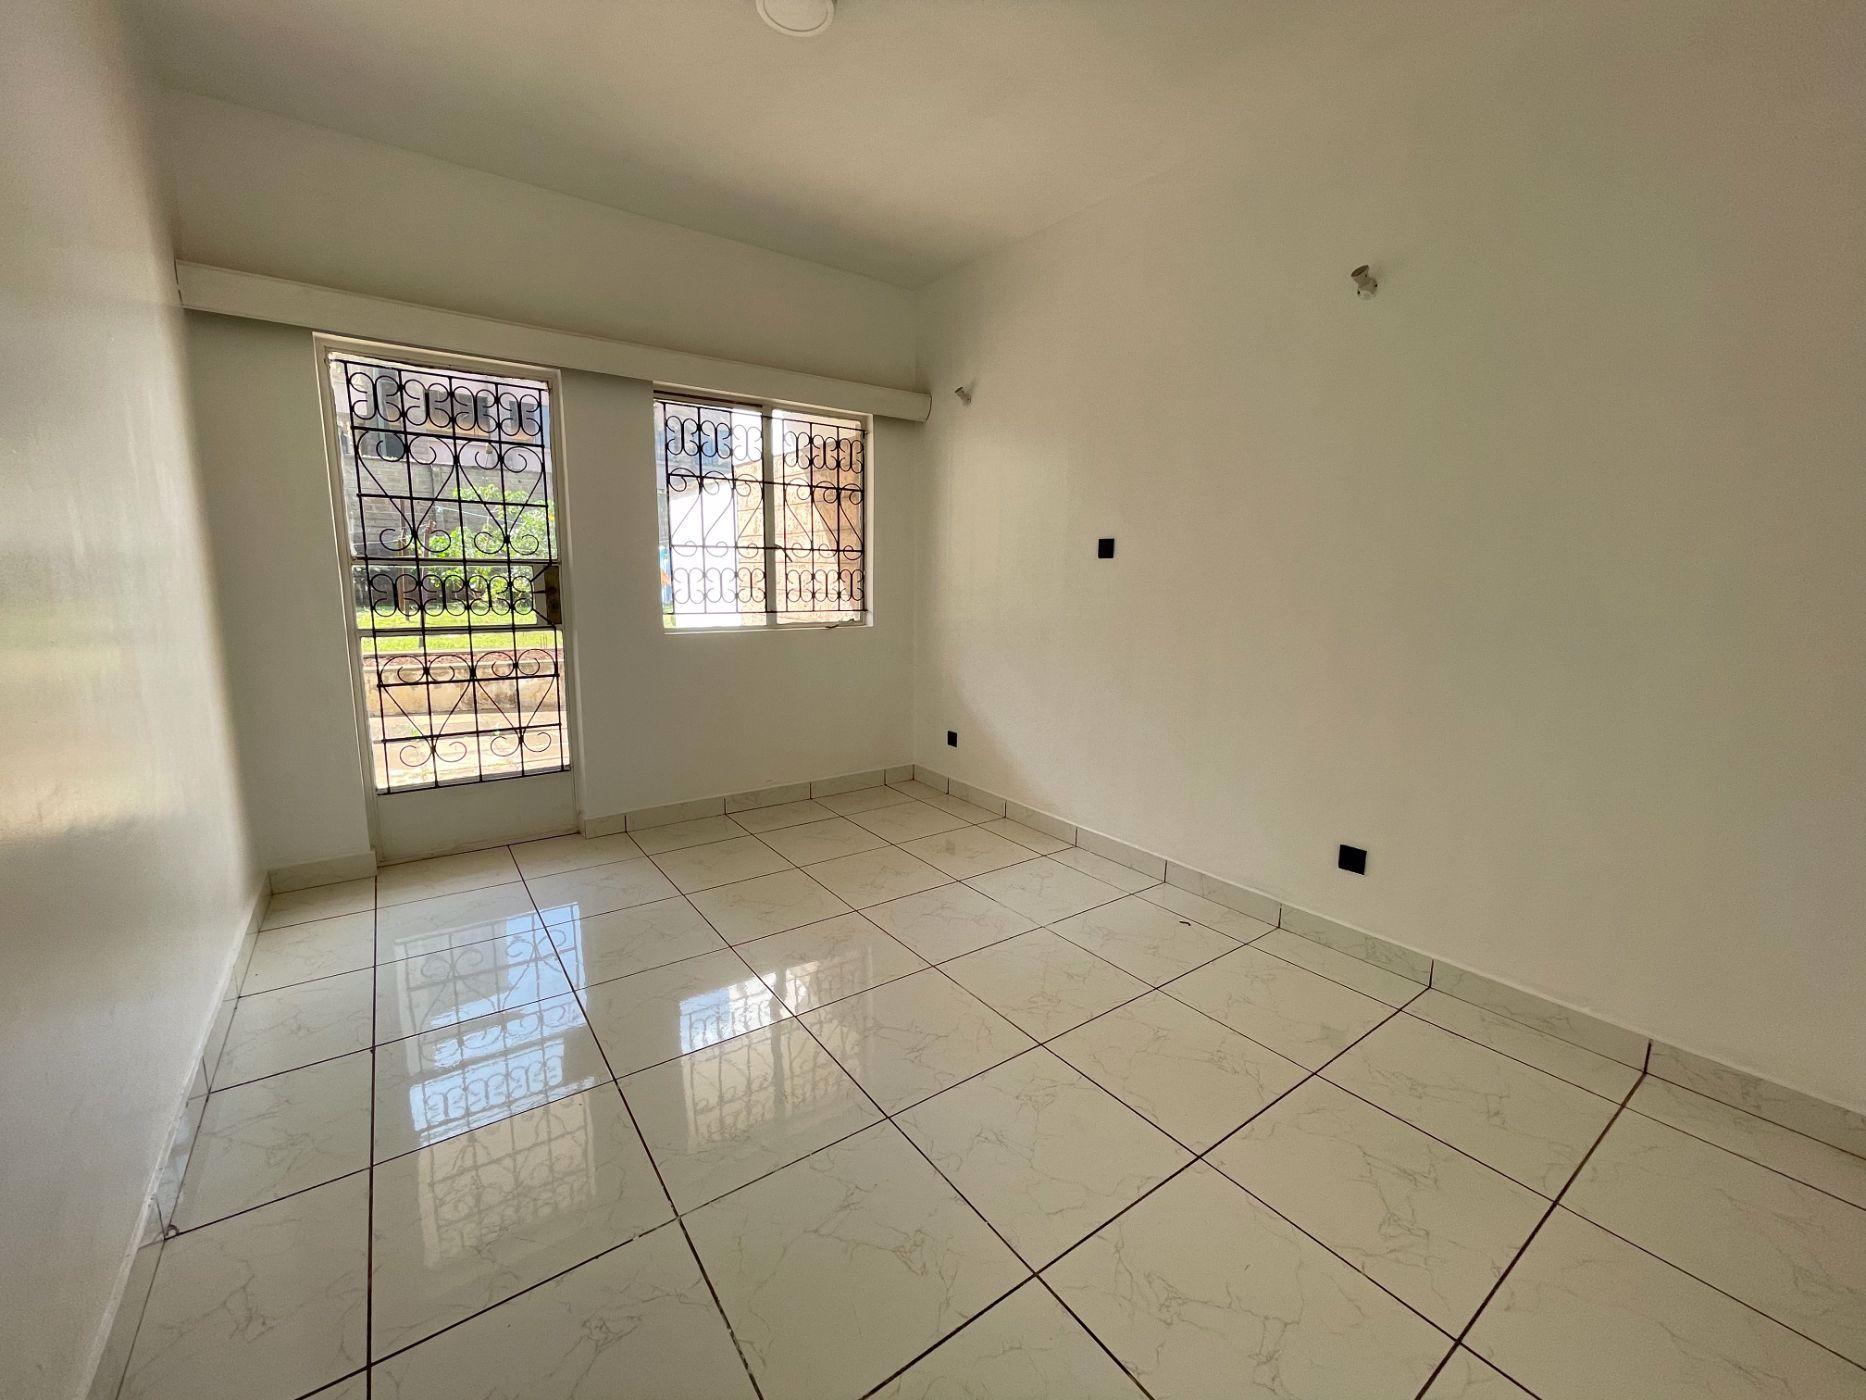 6 bedroom townhouse to rent in Westlands (Kenya)